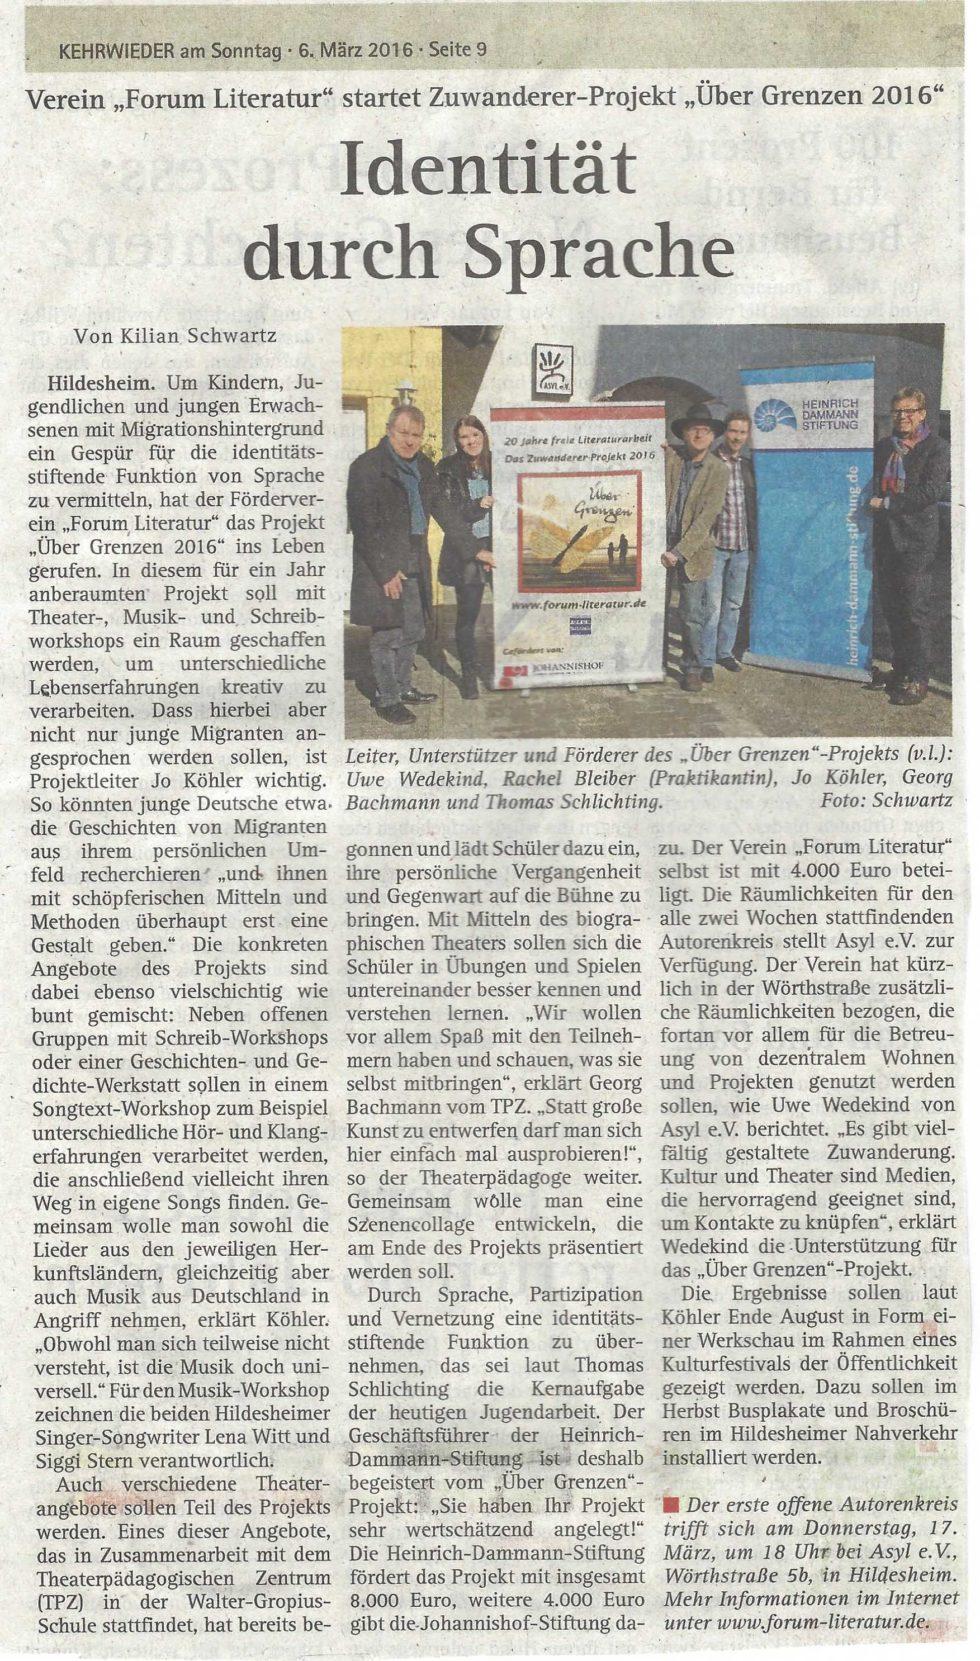 Schulprojekt2016_Kehrwieder 6.3.2016